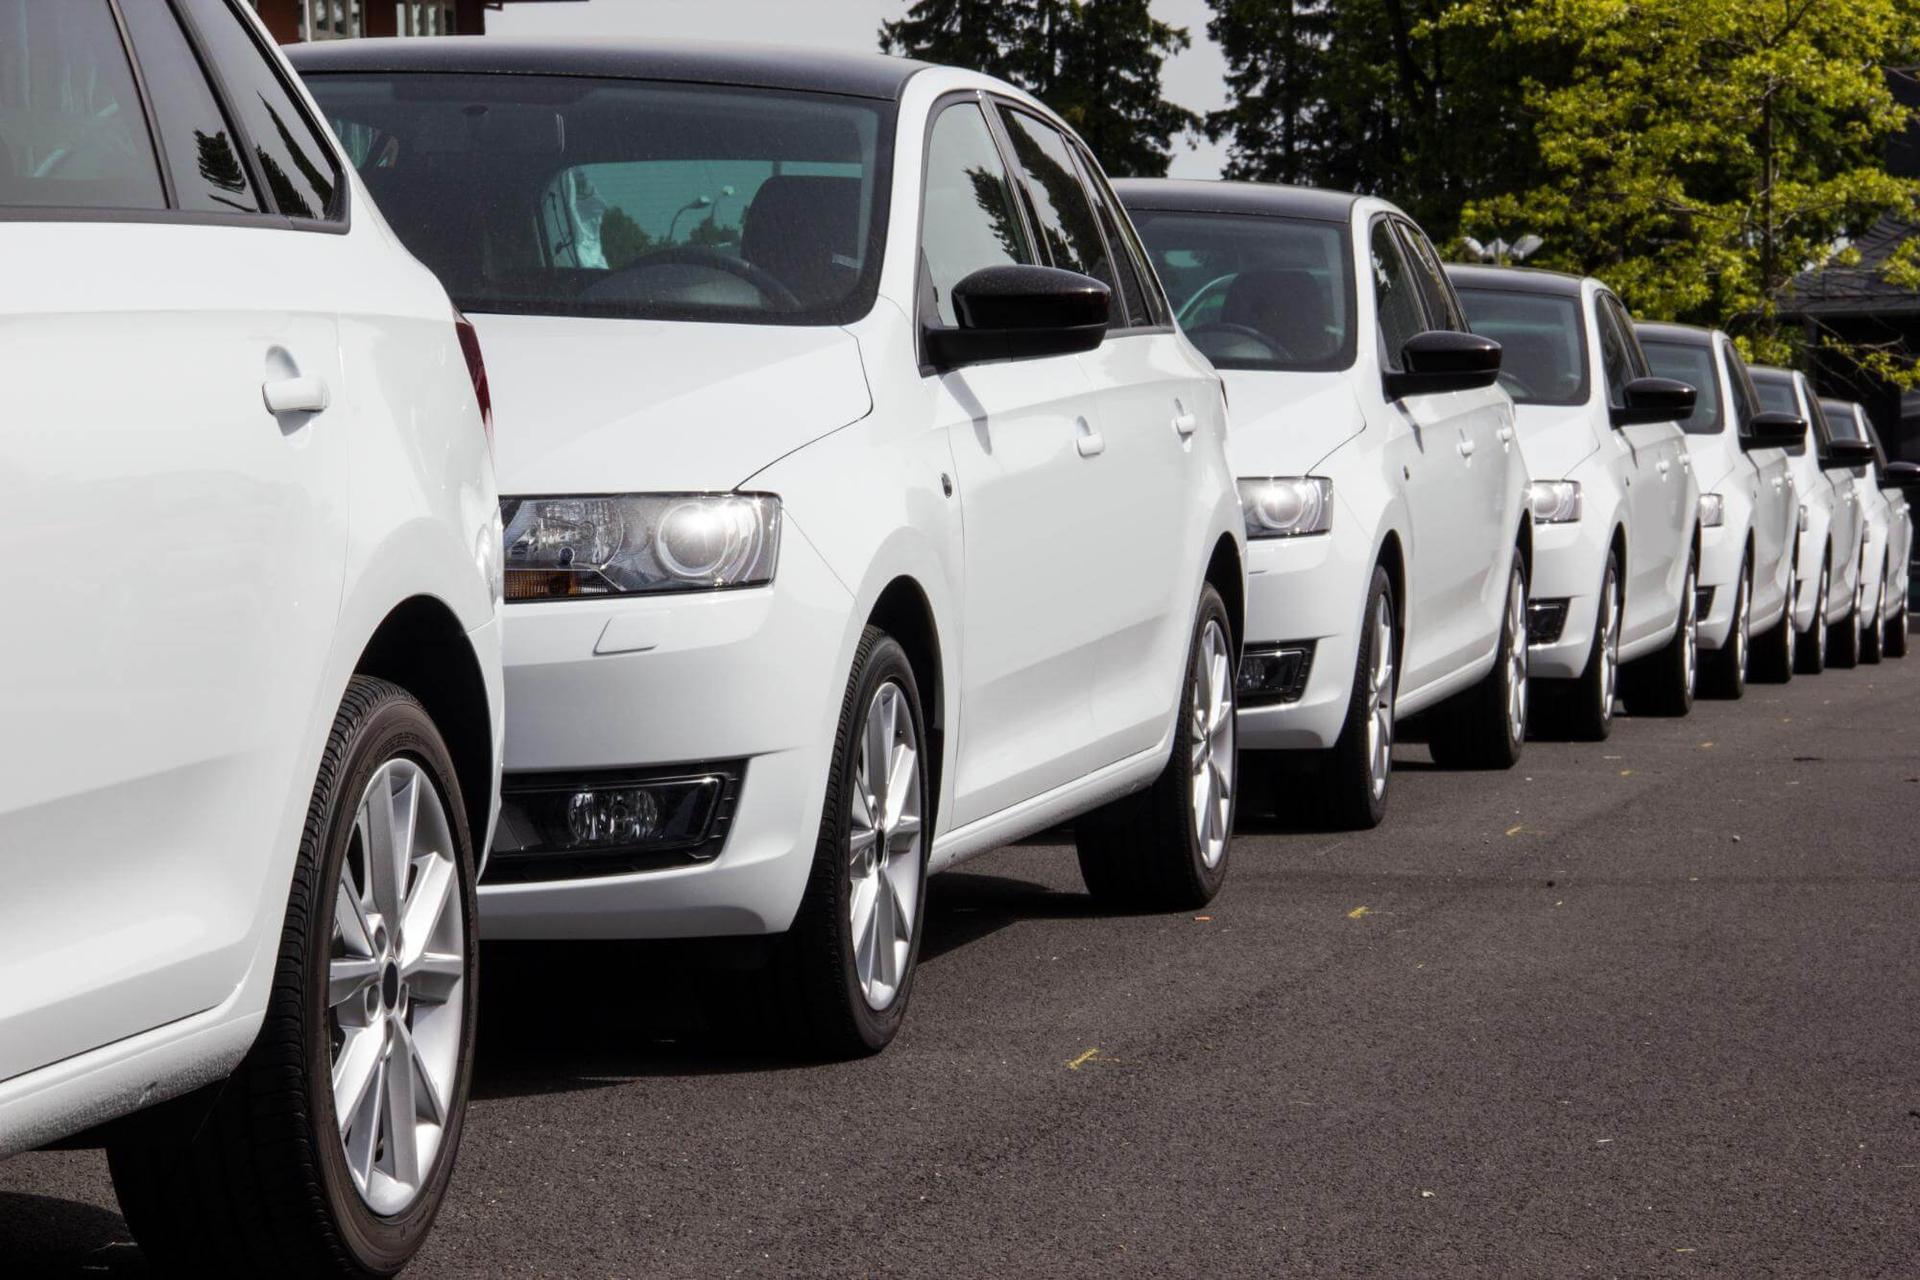 Wir sind einer der führenden Großhändler Lieferant für EU-Fahrzeuge aus Dänemark seit 1995. Fahrzeuggroßhandel | EU-Neuwagen | Reimporte EU-Fahrzeuge seit 1995 - B2B